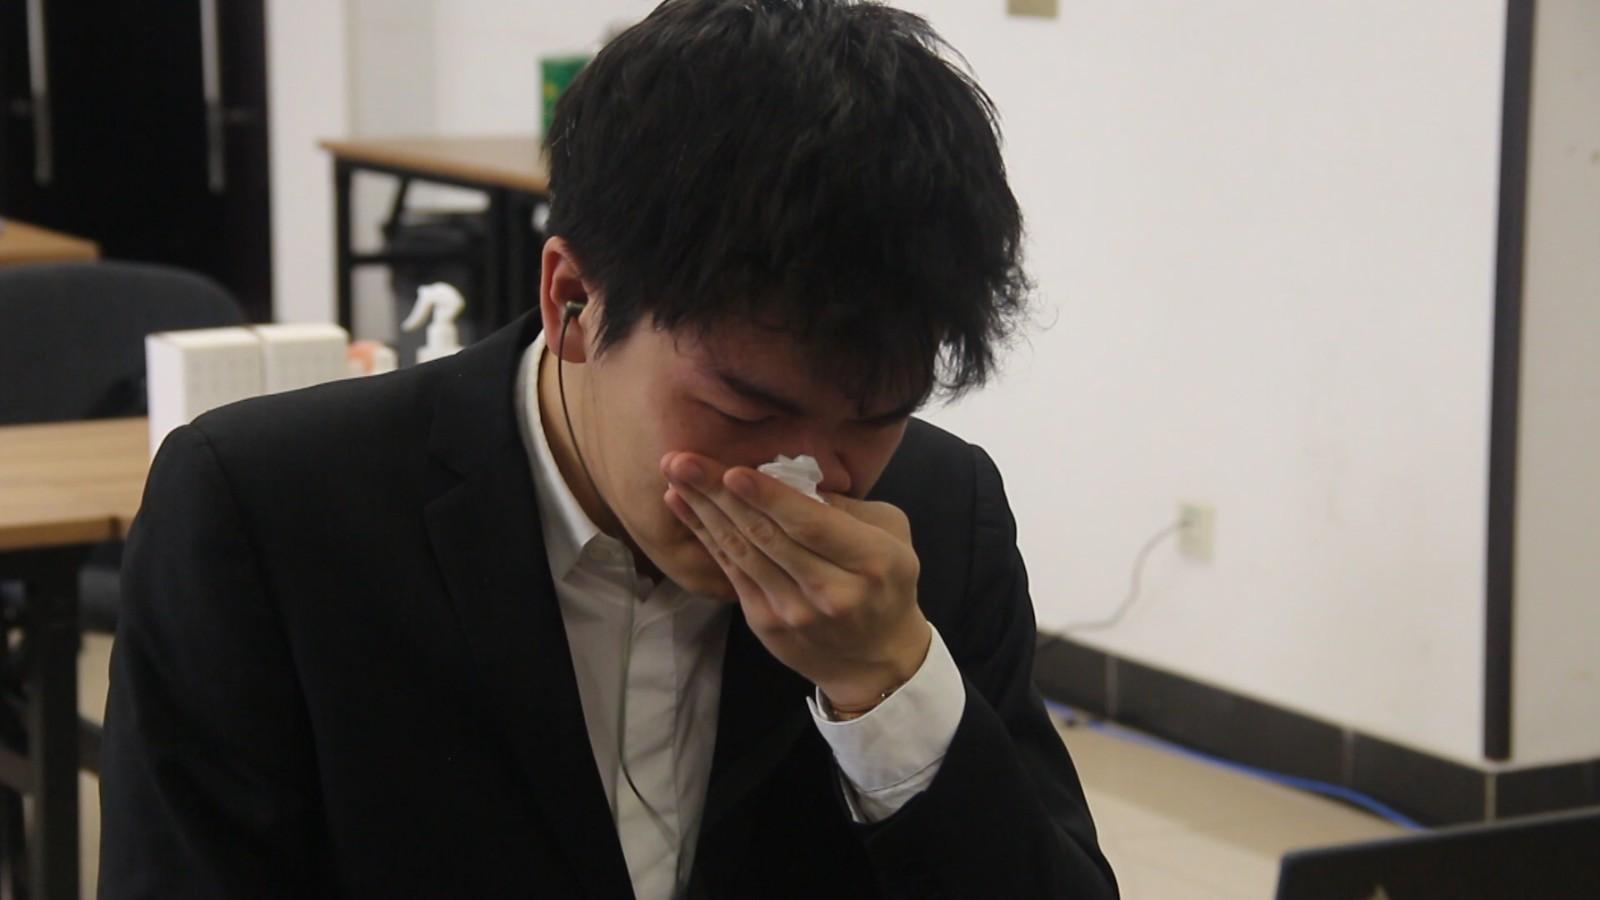 泪洒赛场!痛失LG杯冠军后柯洁痛哭